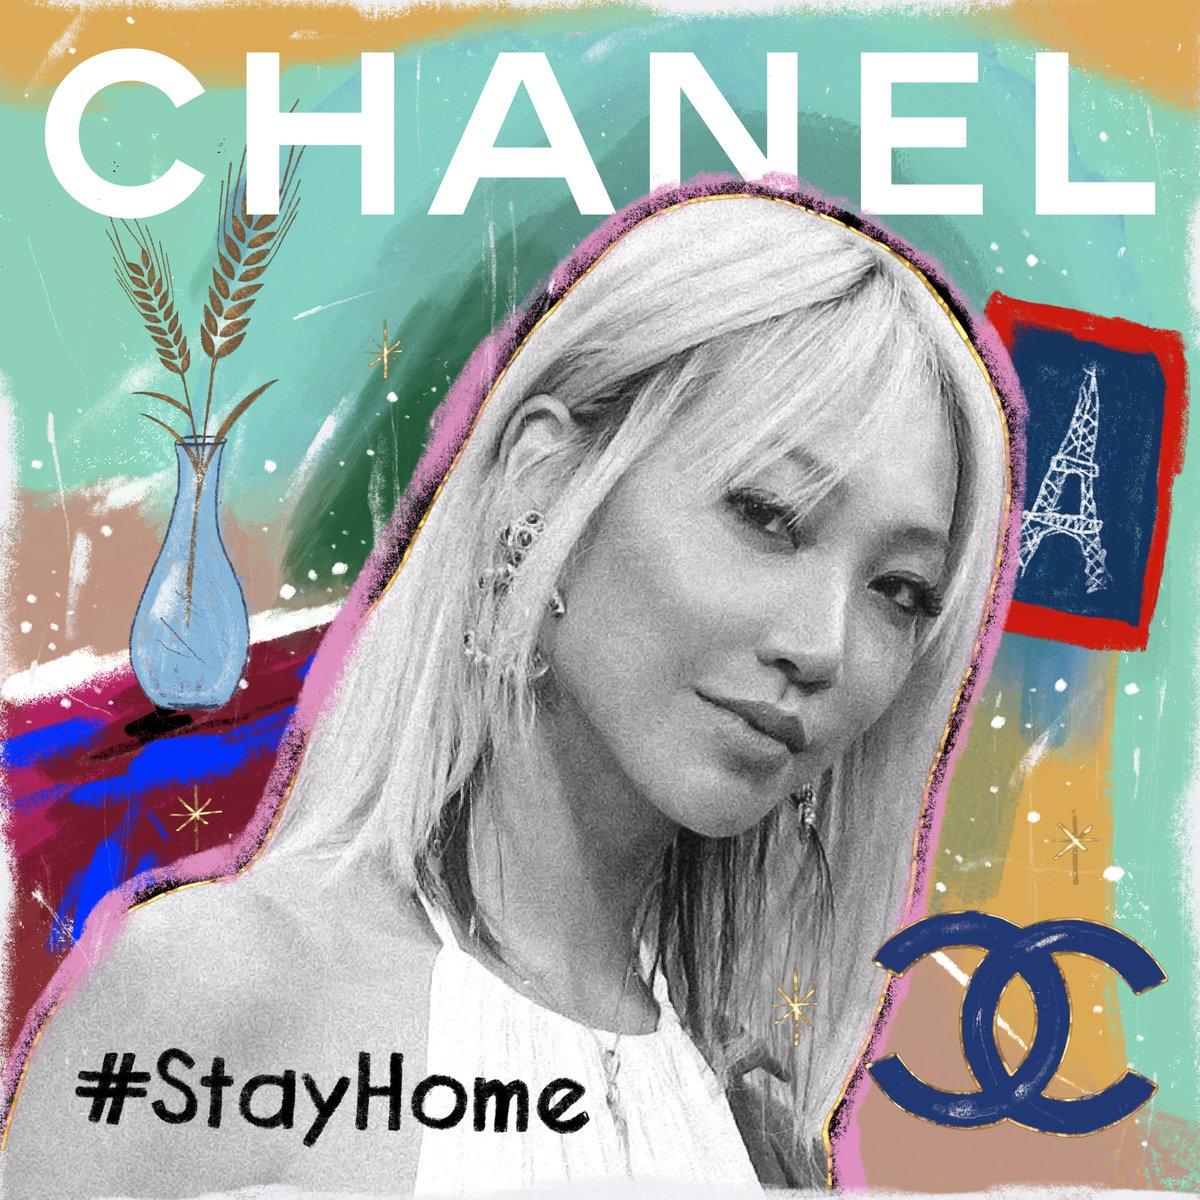 House ambassador Soo Joo Park shares her musical selection for CHANEL on Apple Music.  https://t.co/FF2N7BSKIQ  #TheSoundofCHANEL  @AppleMusic https://t.co/1LtjaOiZ4E